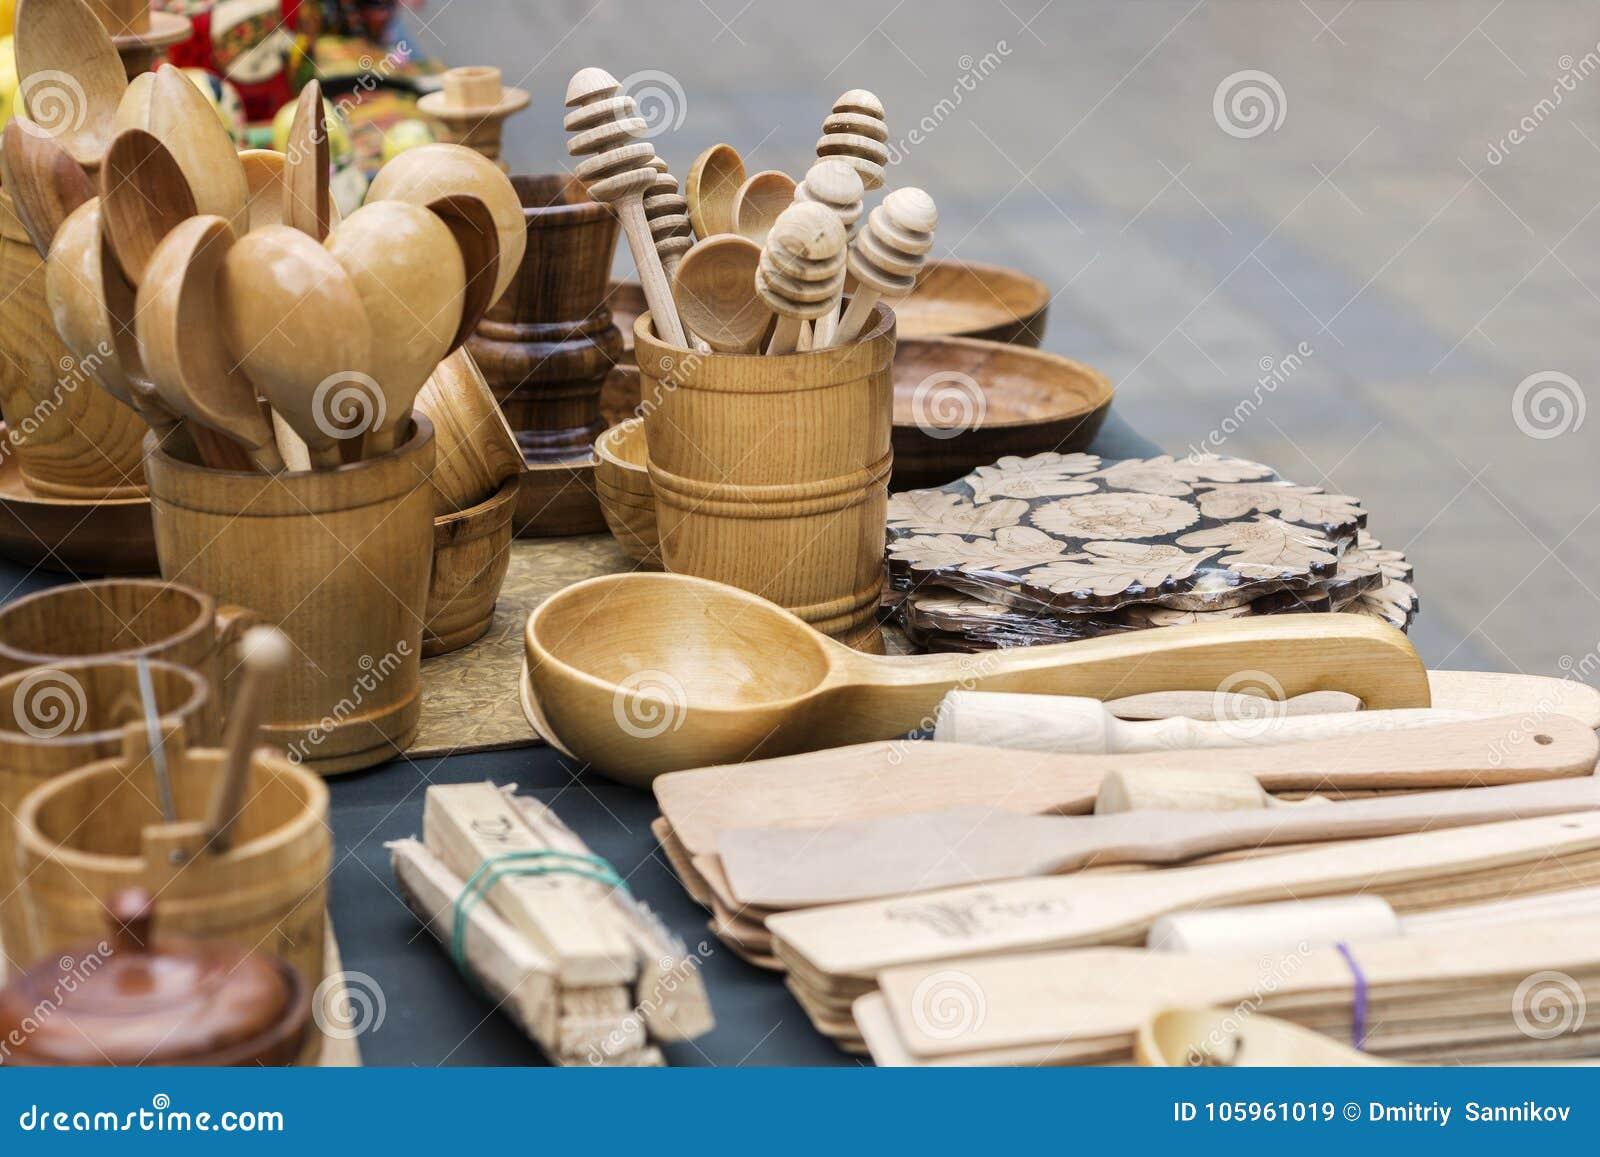 Cutlery drewno